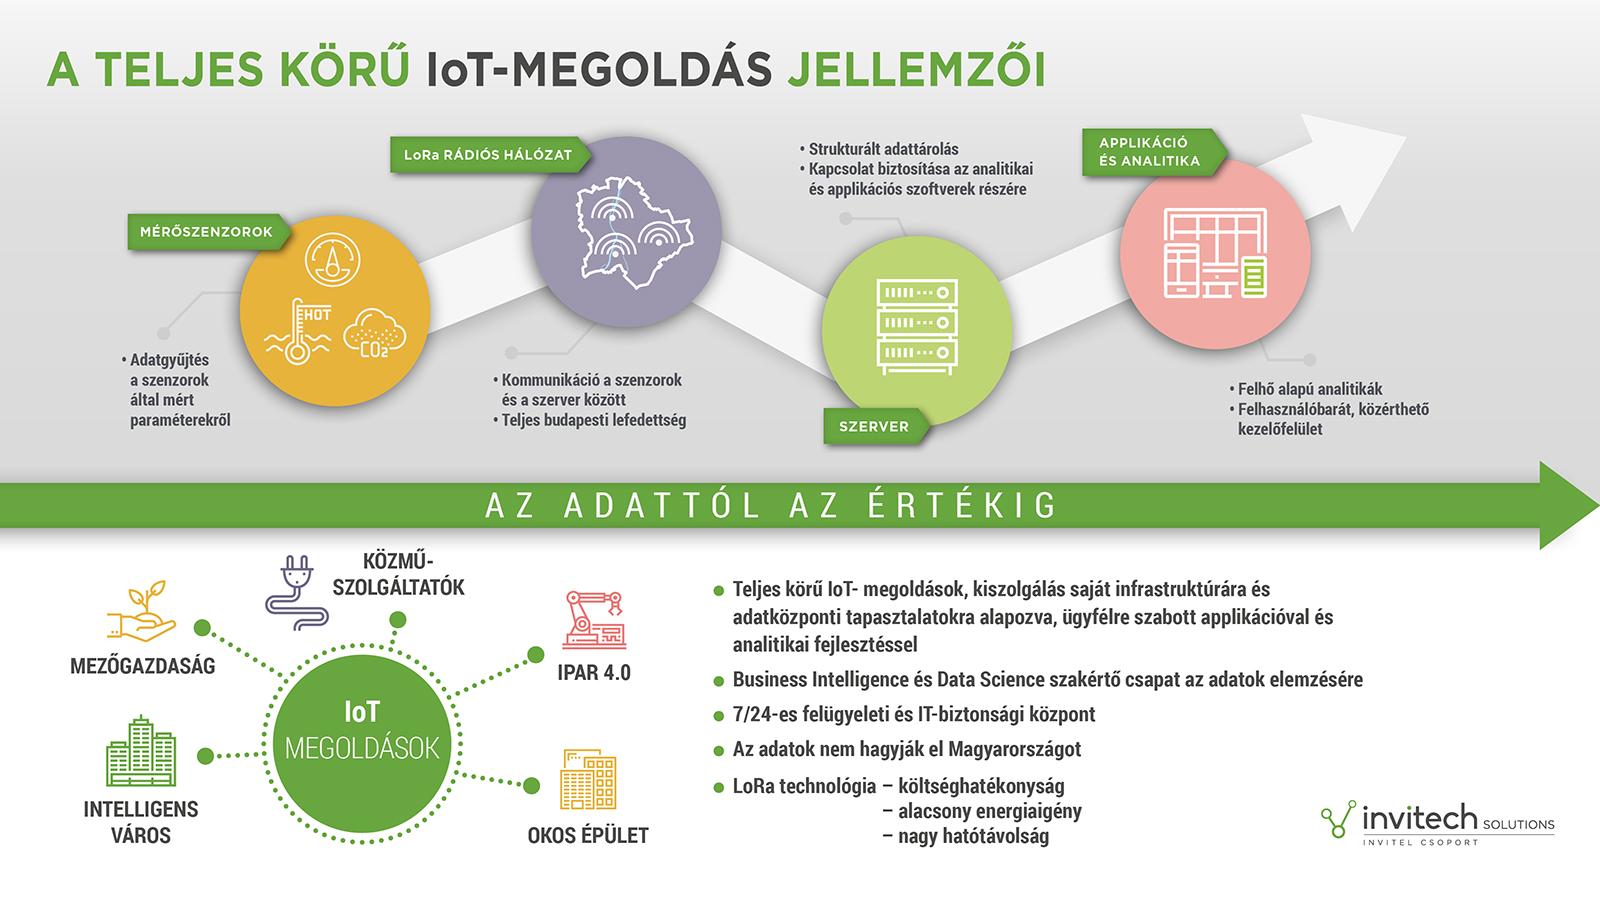 invitech_solutions_iot_infografika.jpg